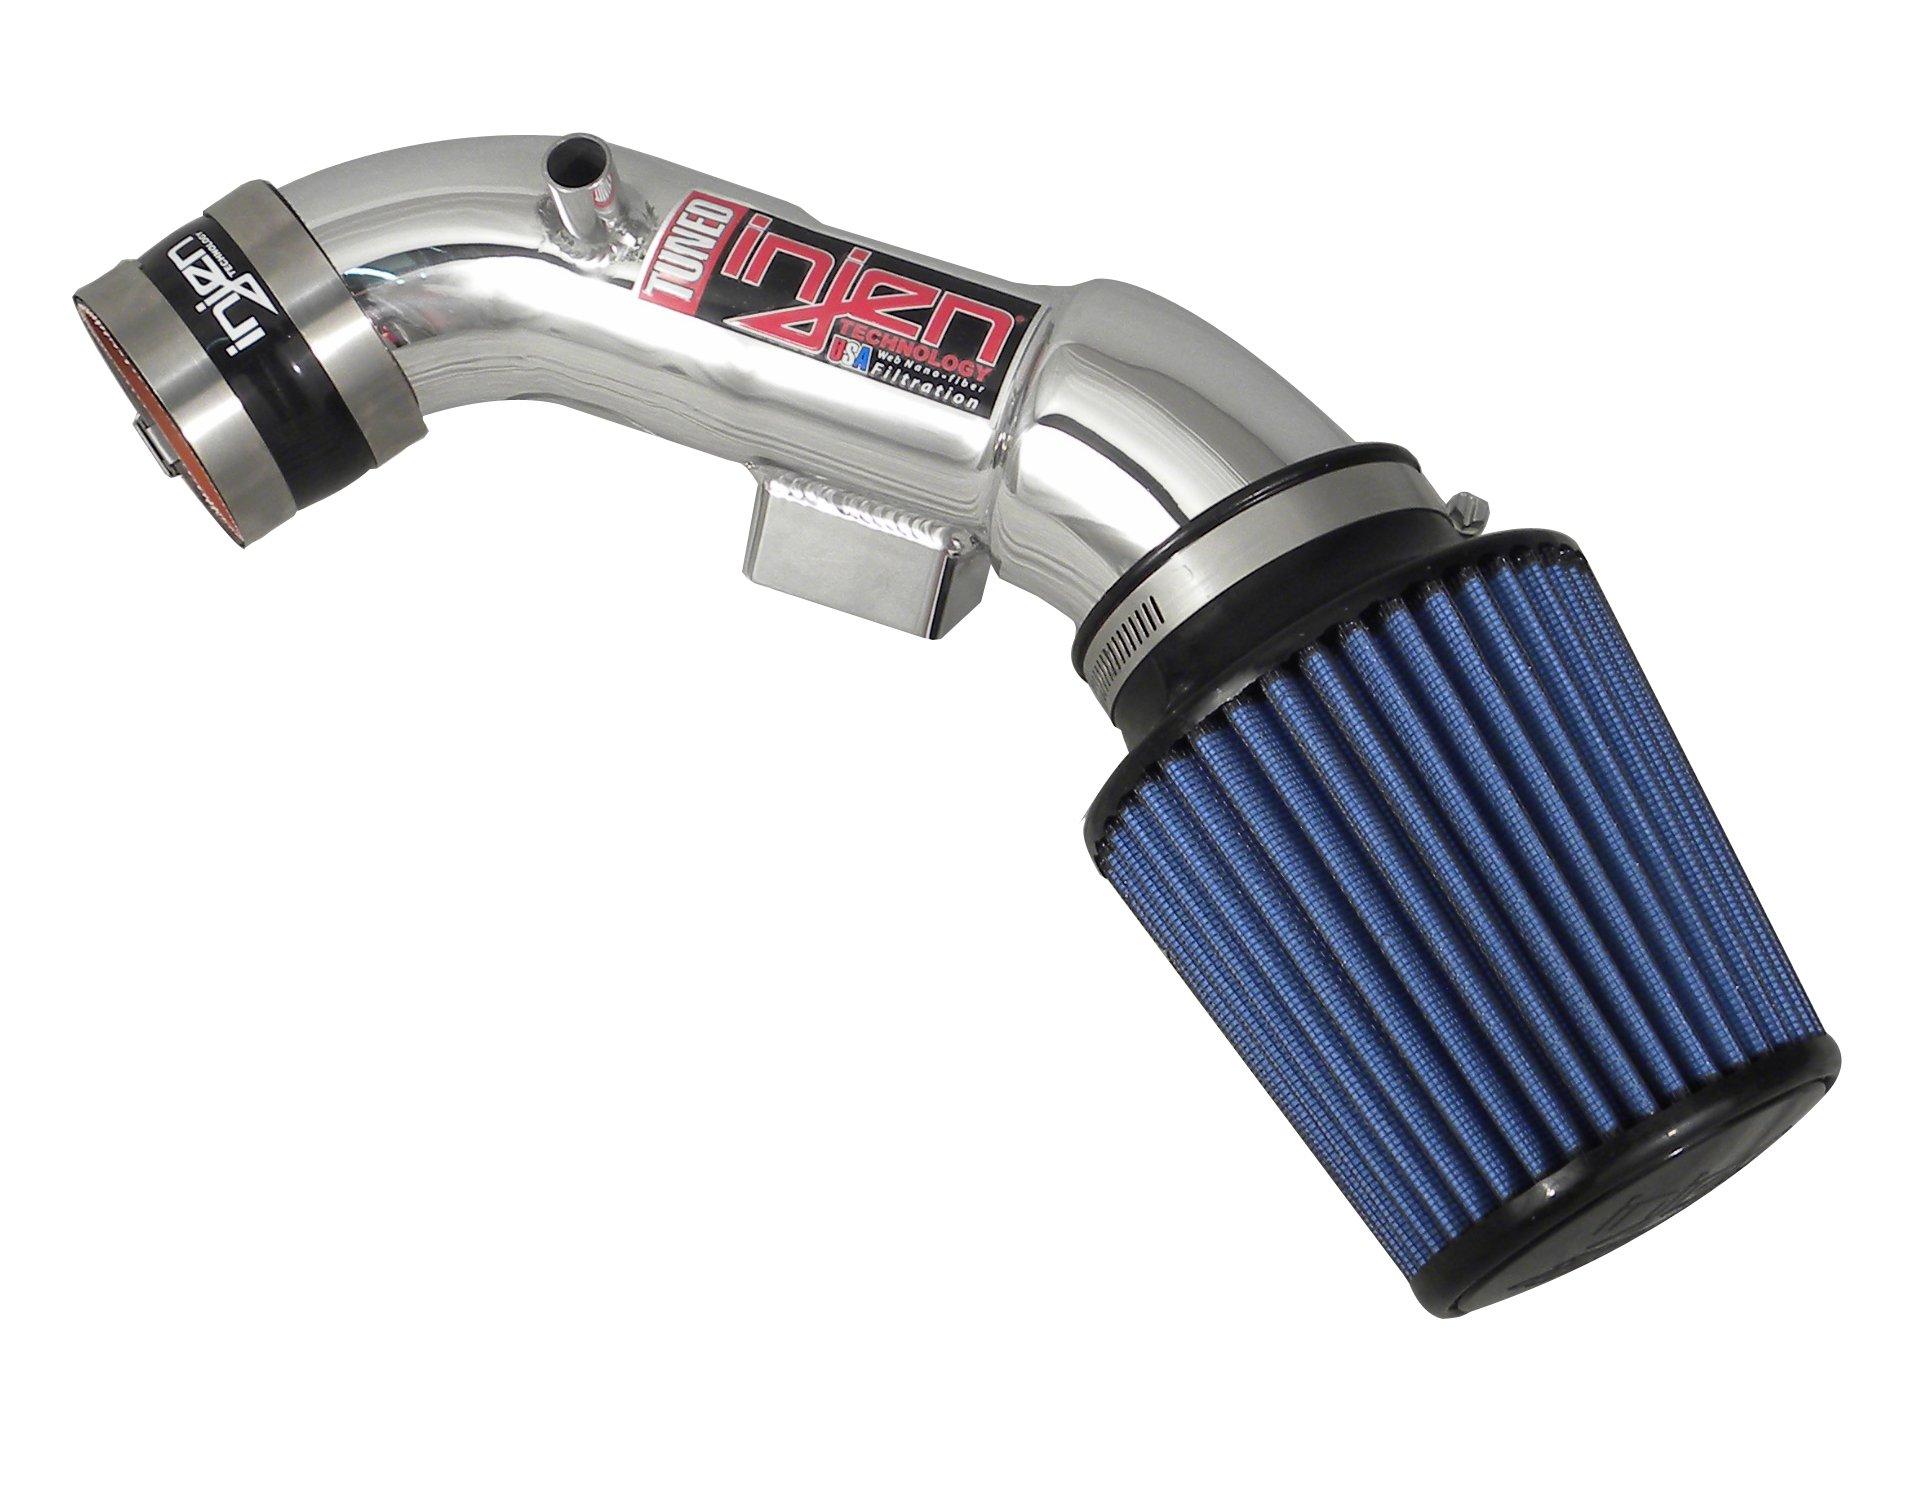 Injen SP1570P Short Ram Intake for Honda Civic 4-Cylinder 1.8L